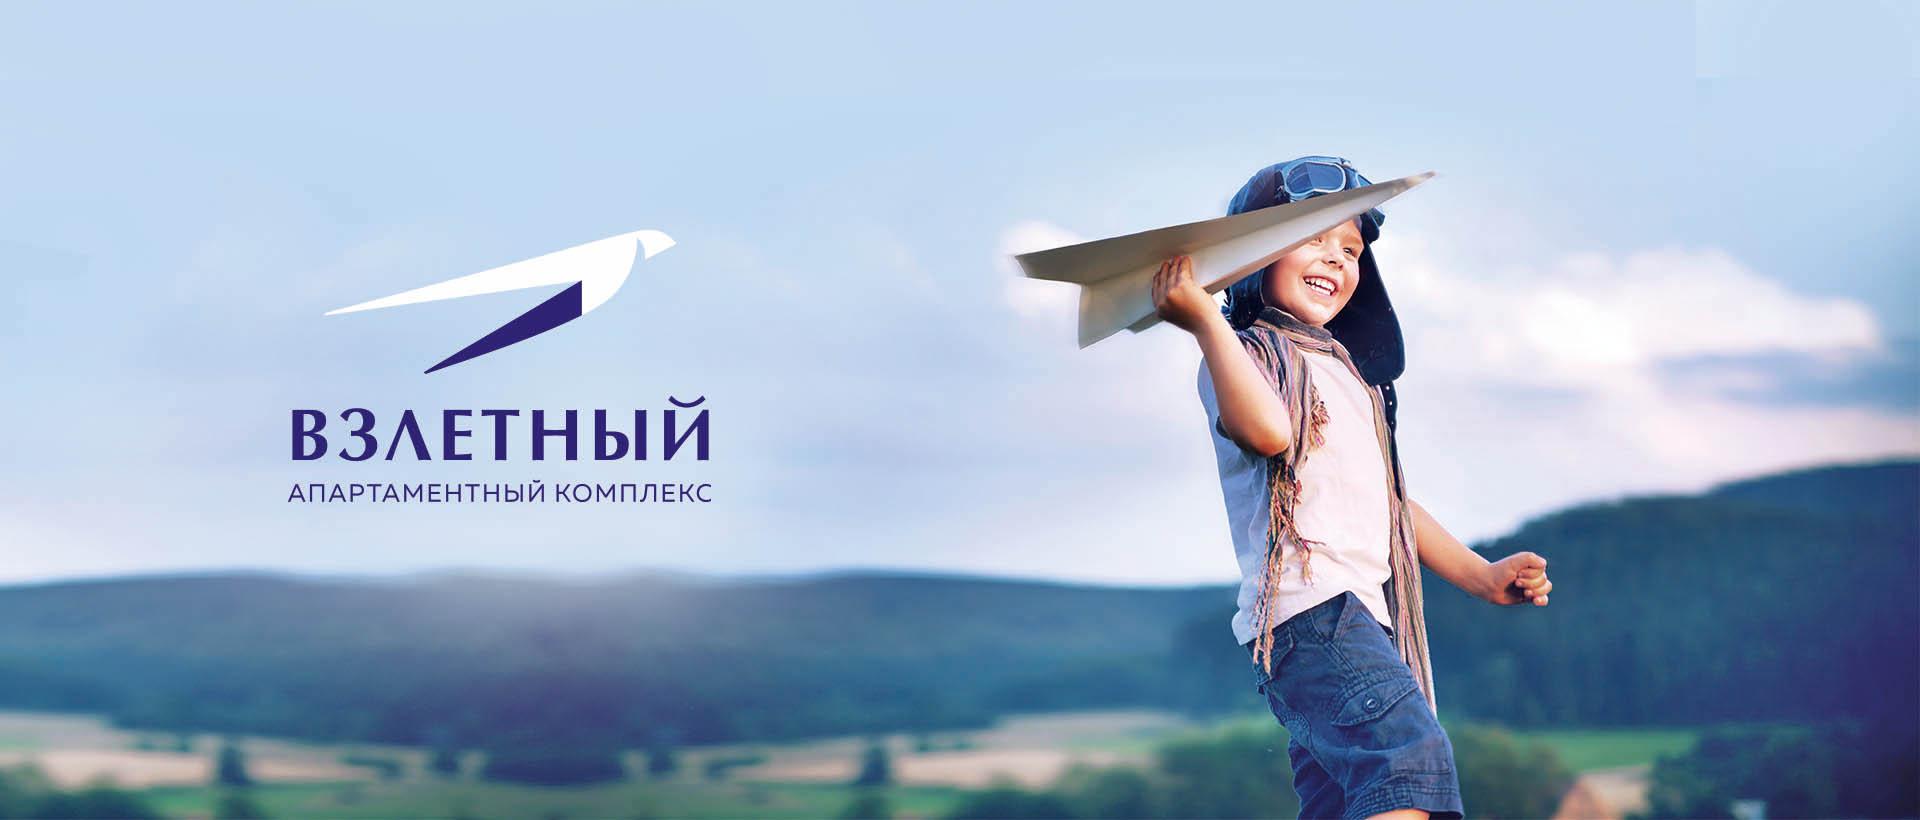 ЖК Взлетный, брендинг жилищного комплекса